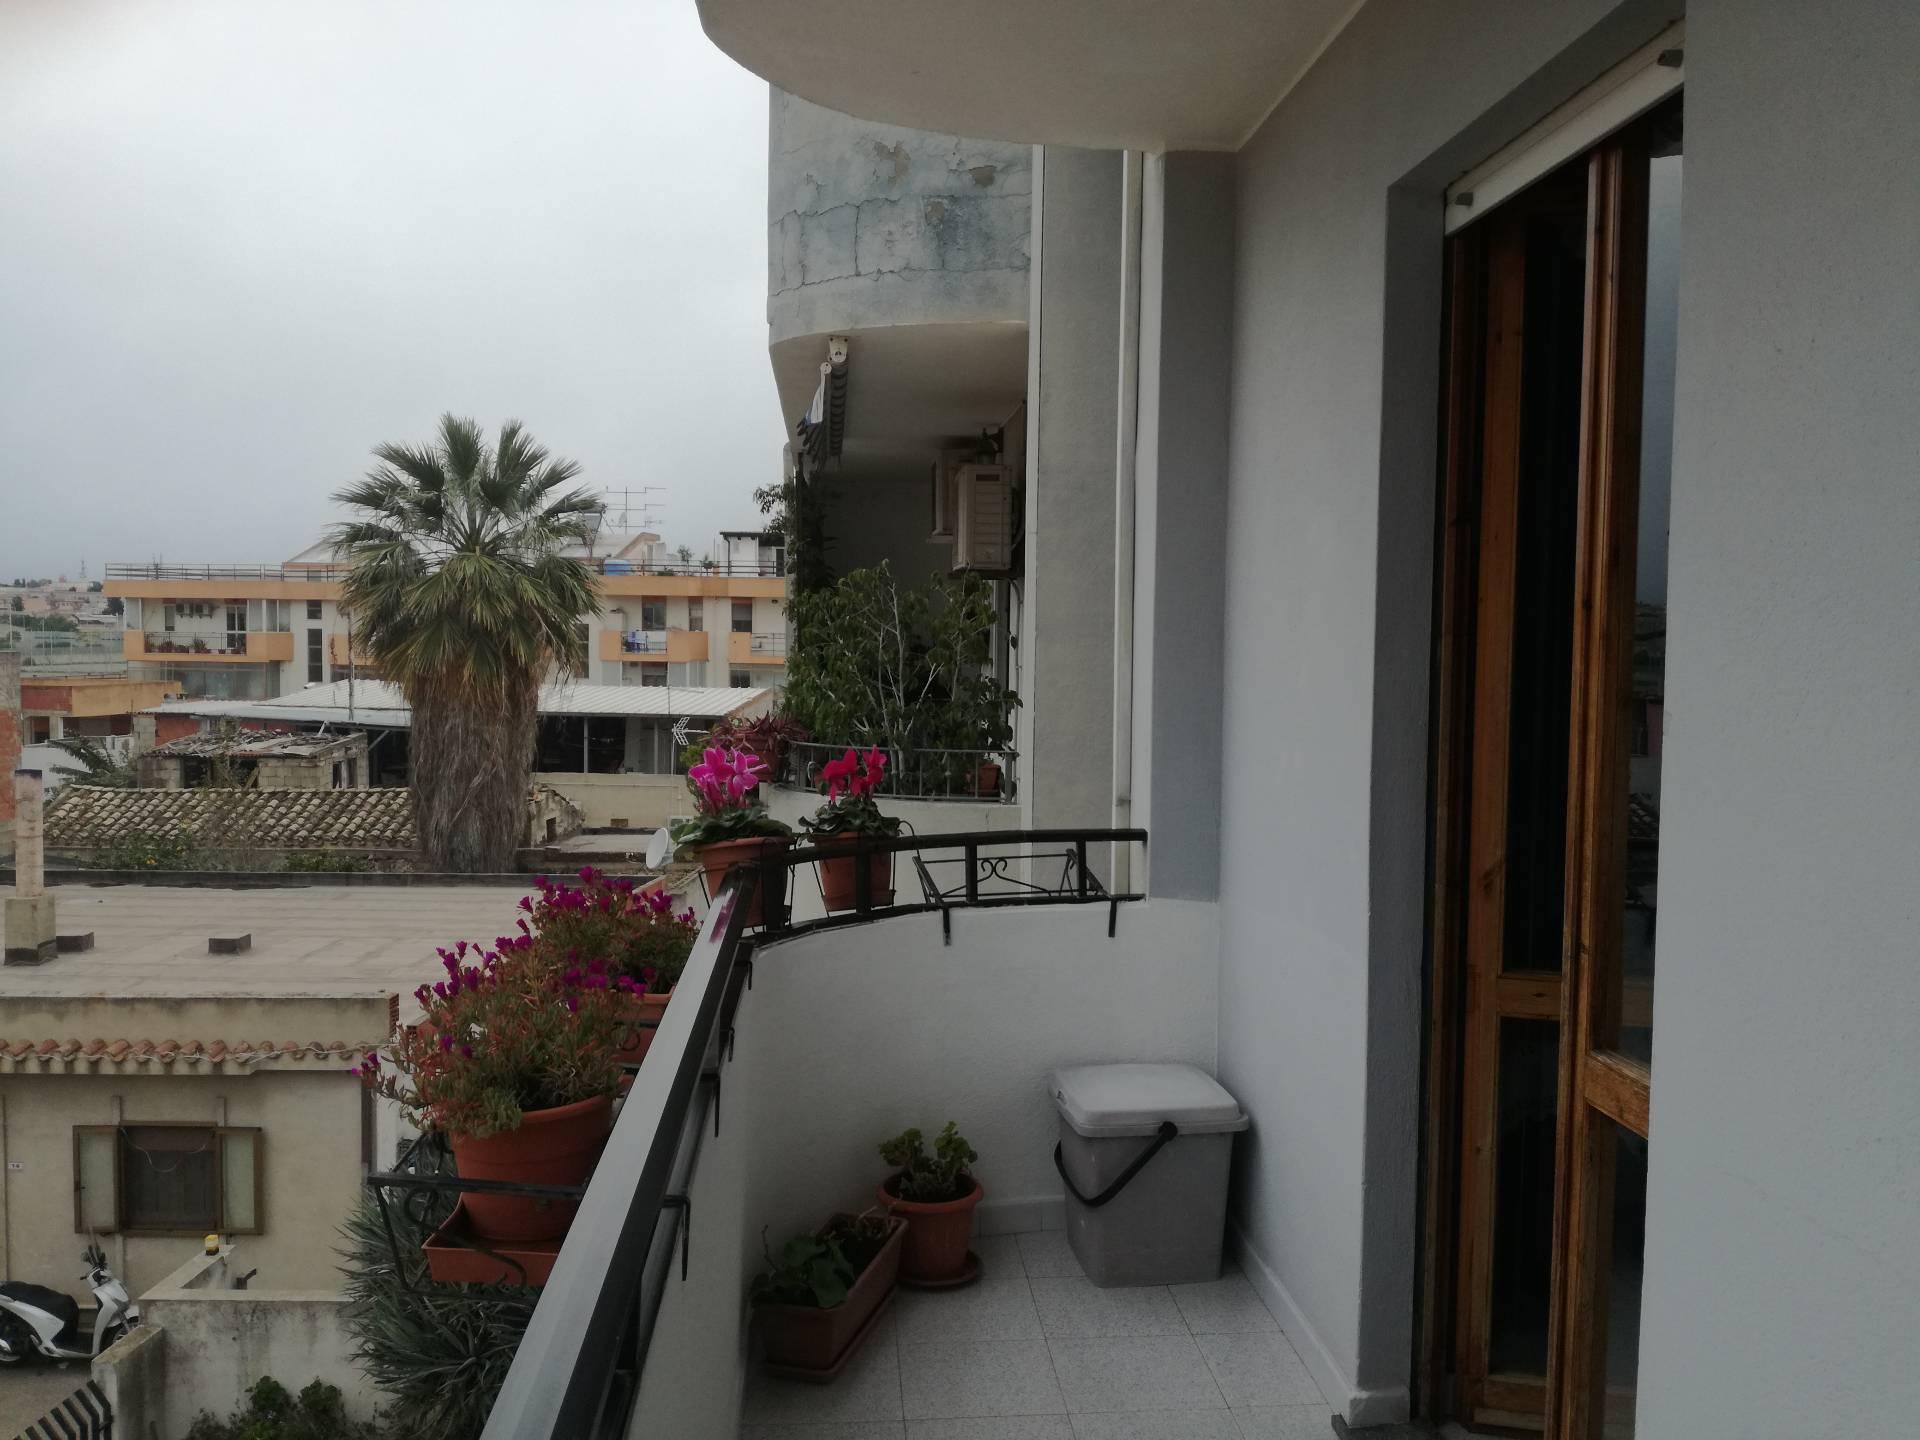 Appartamento in vendita a Monserrato, 3 locali, prezzo € 135.000 | Cambio Casa.it